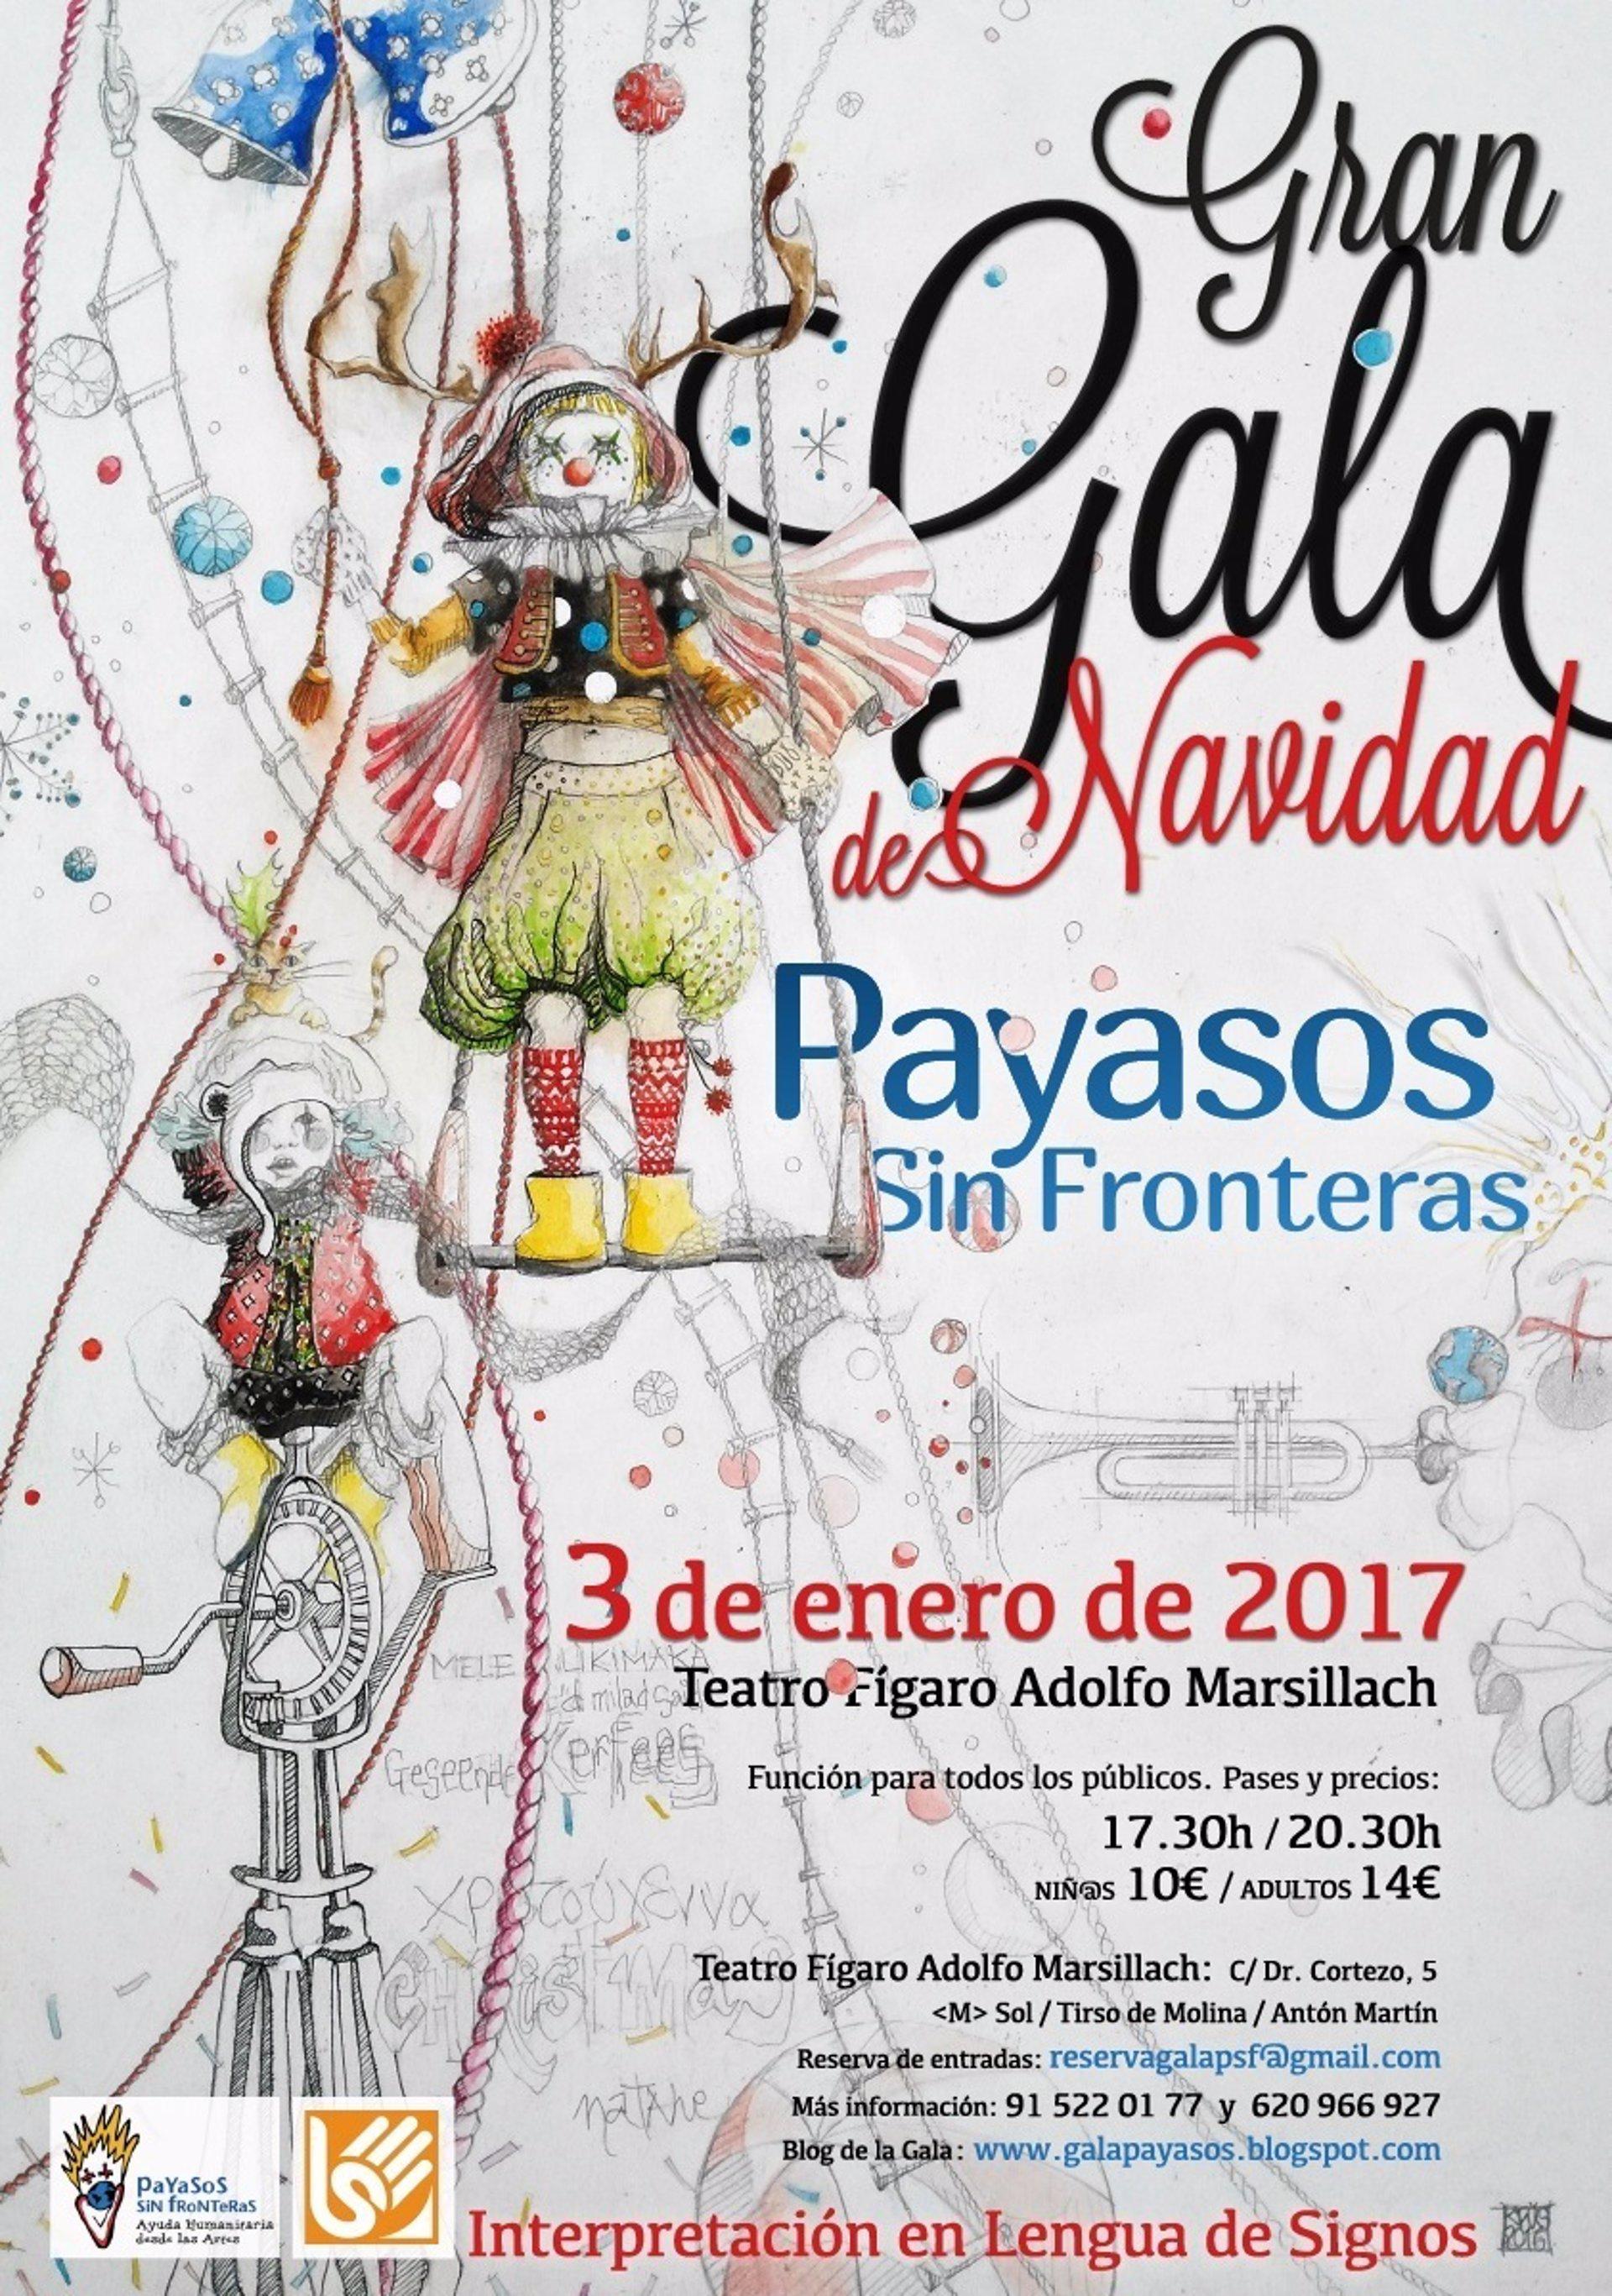 La gran gala de navidad de payasos sin fronteras llega a for Teatro figaro adolfo marsillach